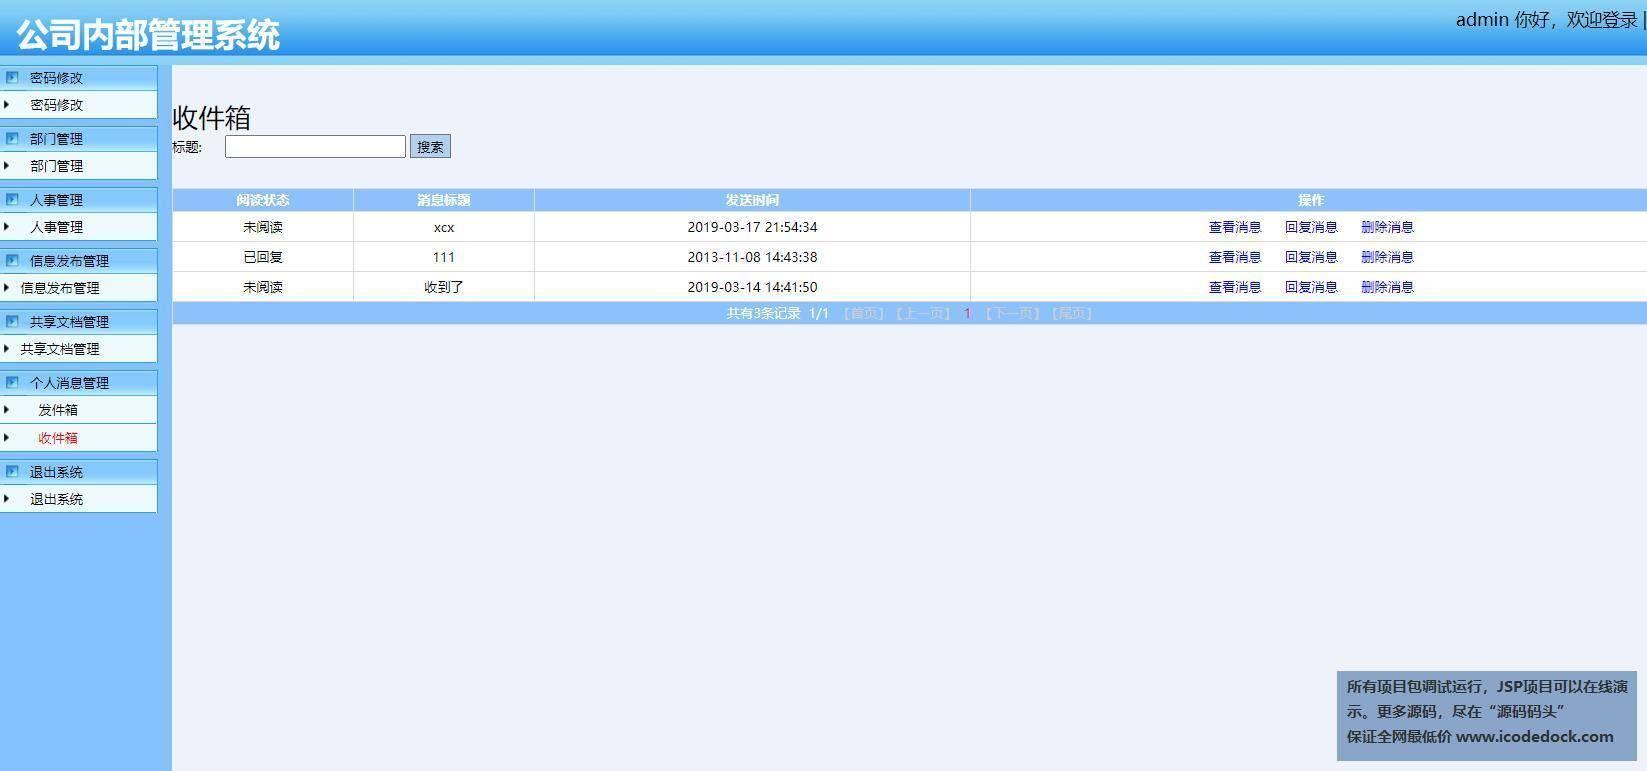 源码码头-SSH公司内部办公自动化管理系统-管总经理角色-接受邮件